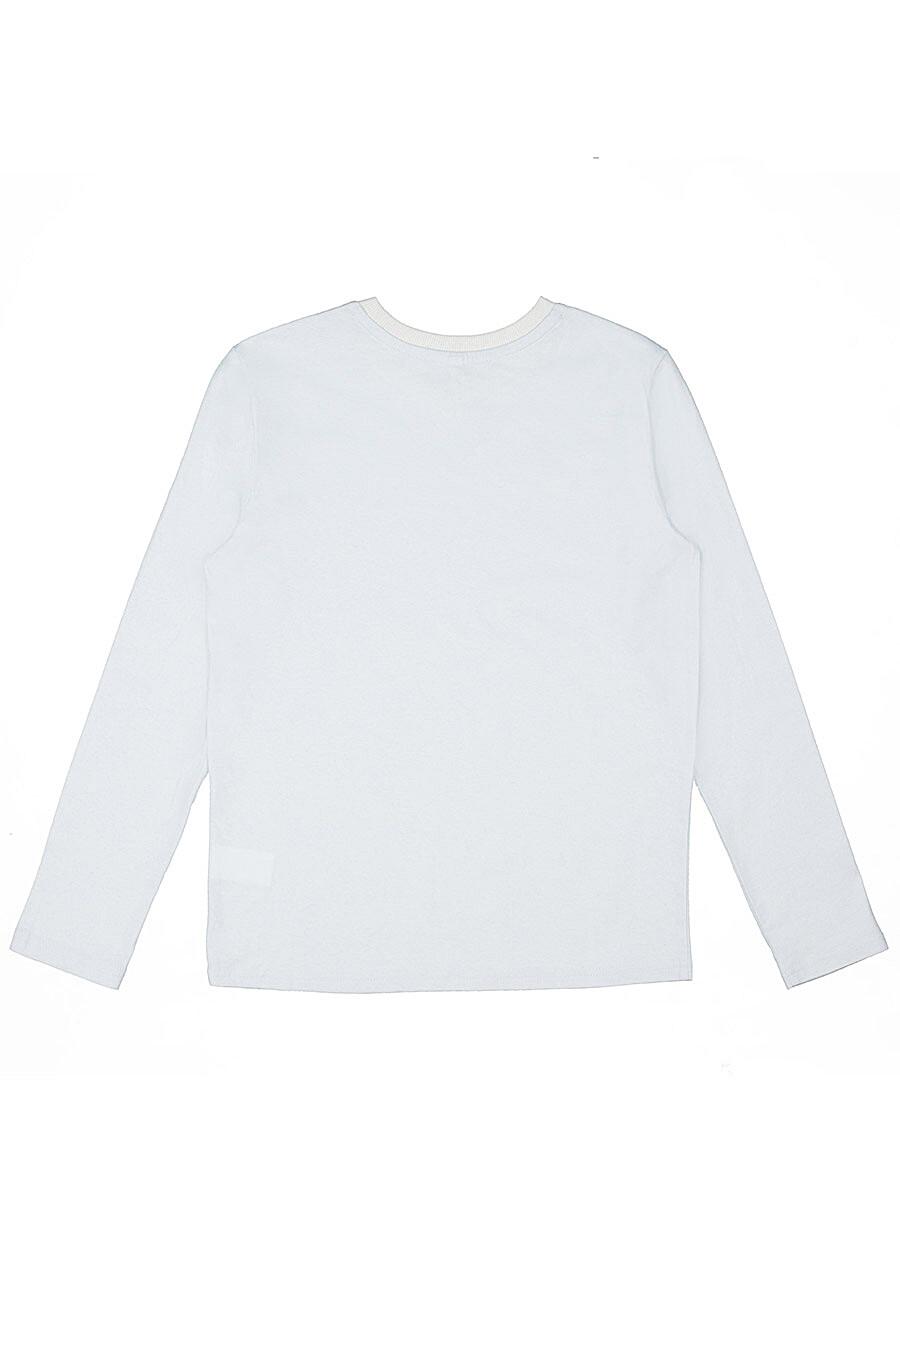 Джемпер для мальчиков IN FUNT 219150 купить оптом от производителя. Совместная покупка детской одежды в OptMoyo